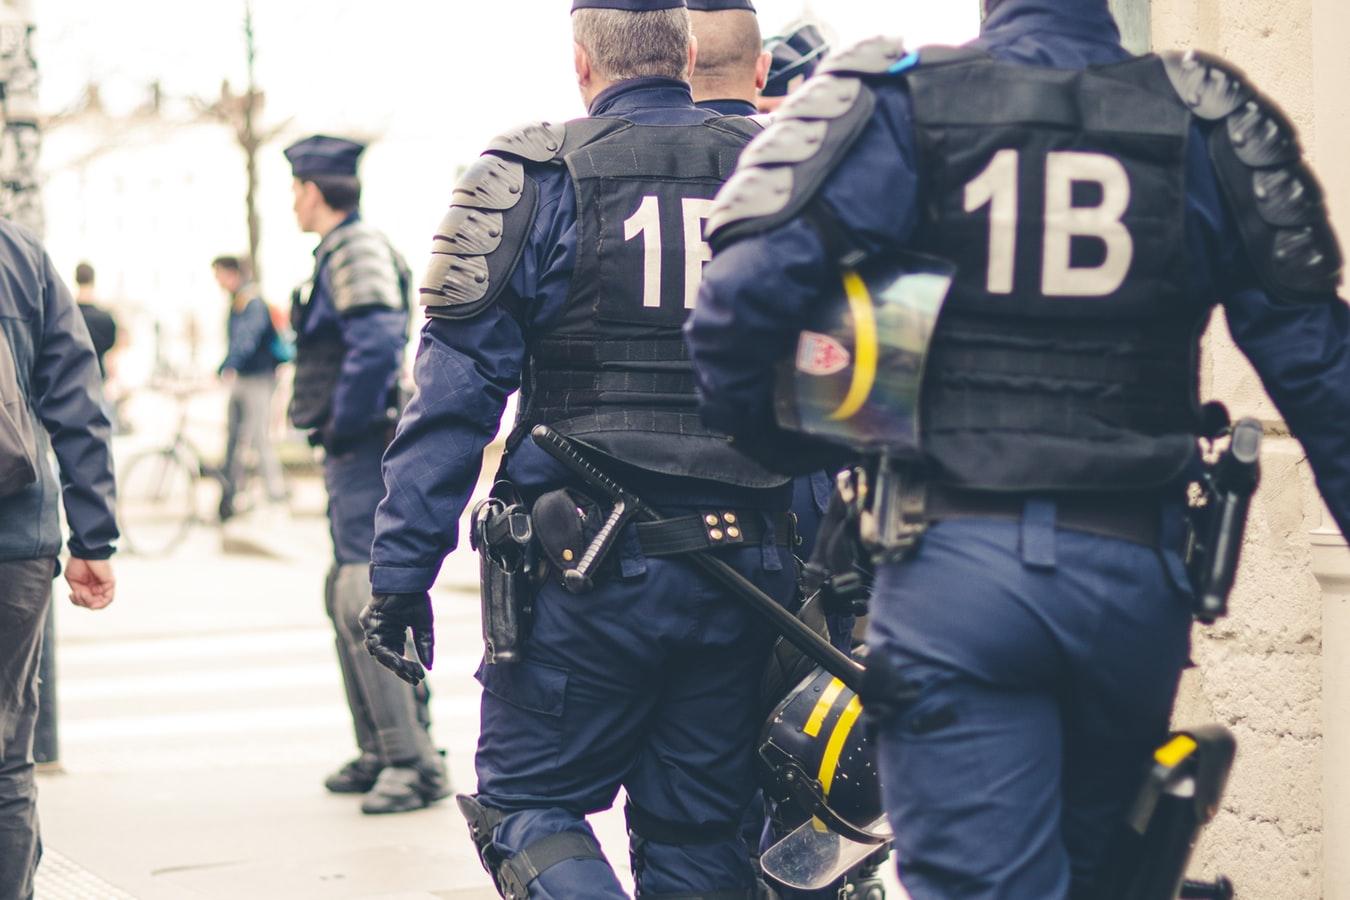 Des policiers à Lyon, lors d'une intervention. Image d'illustration.